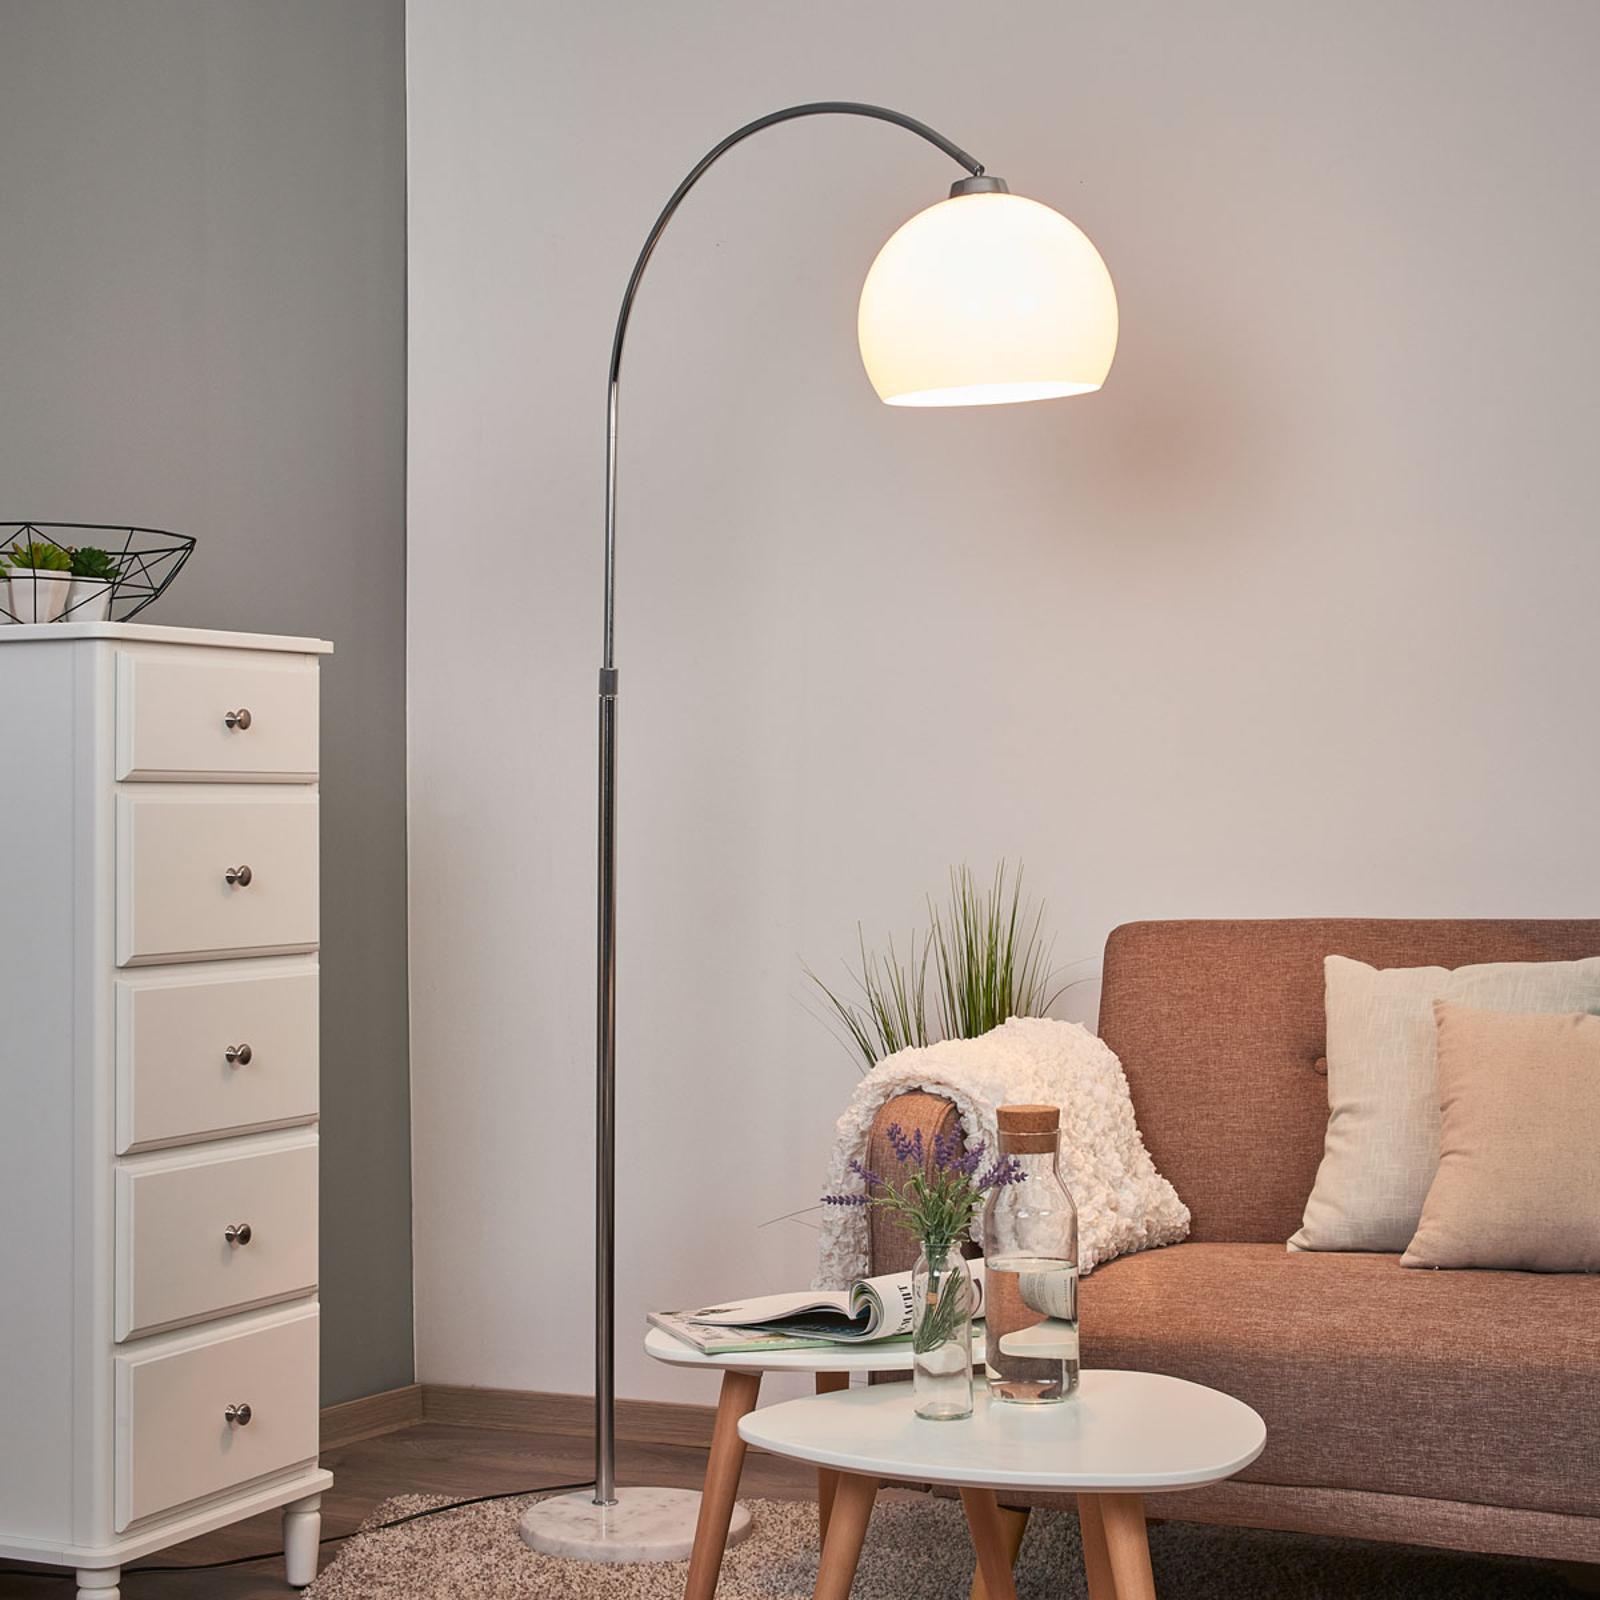 Lampa łukowa Sveri z marmurową stopą, biały klosz